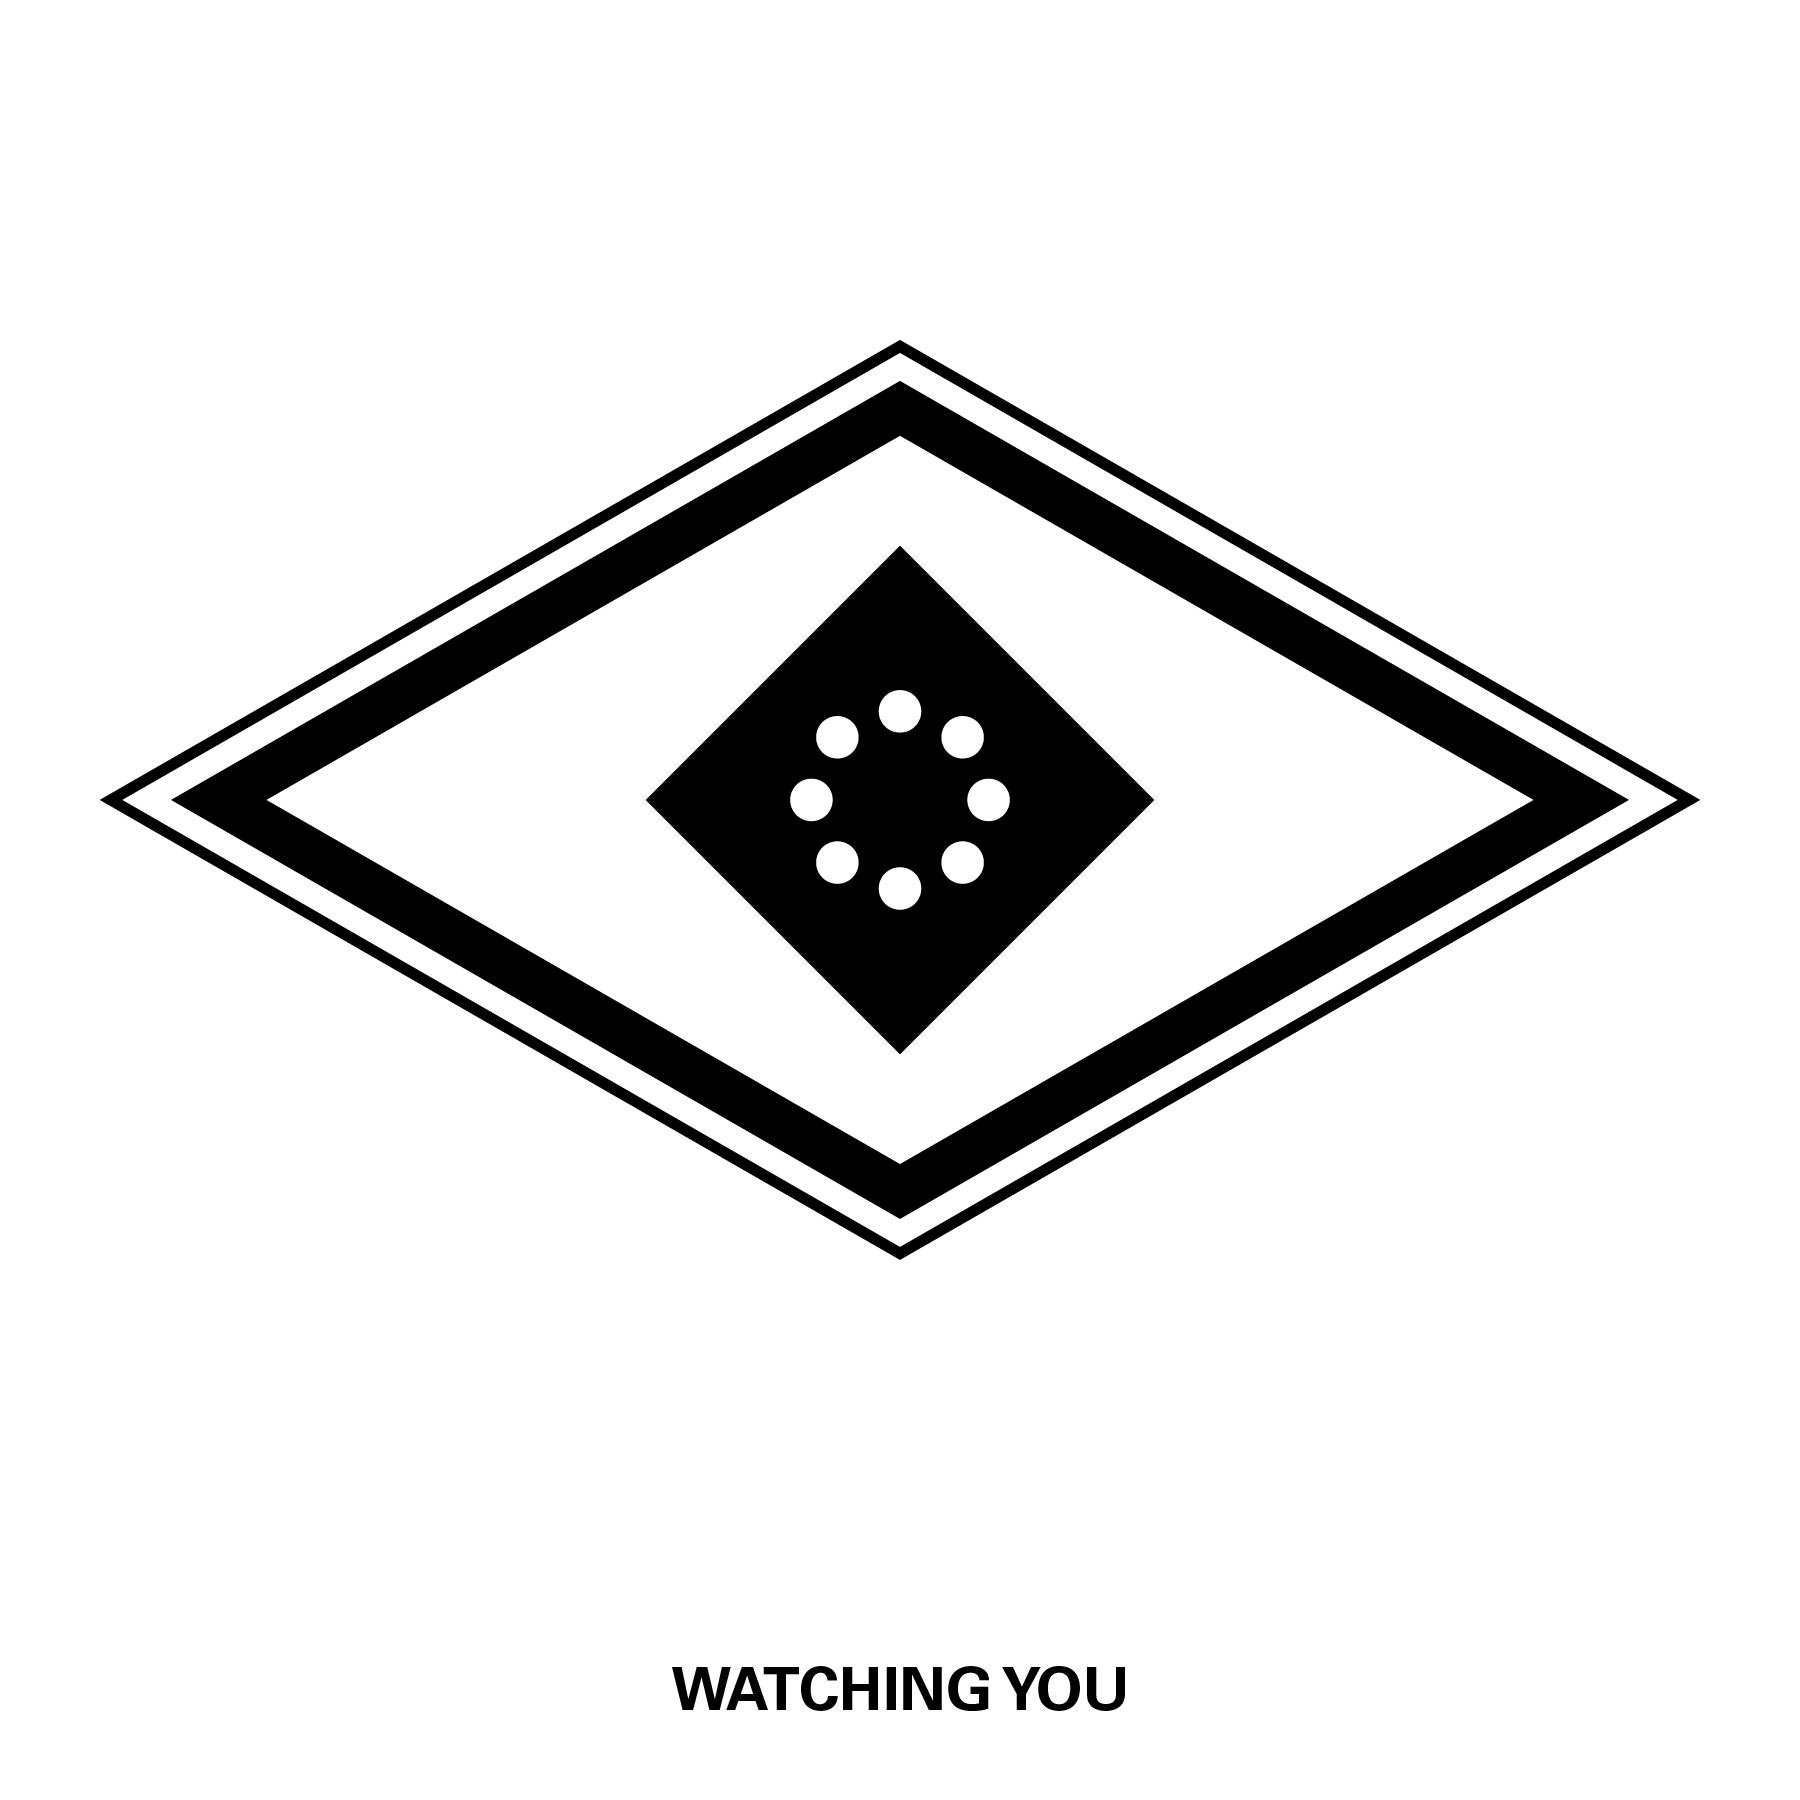 Watching You_Symbol_01.jpg